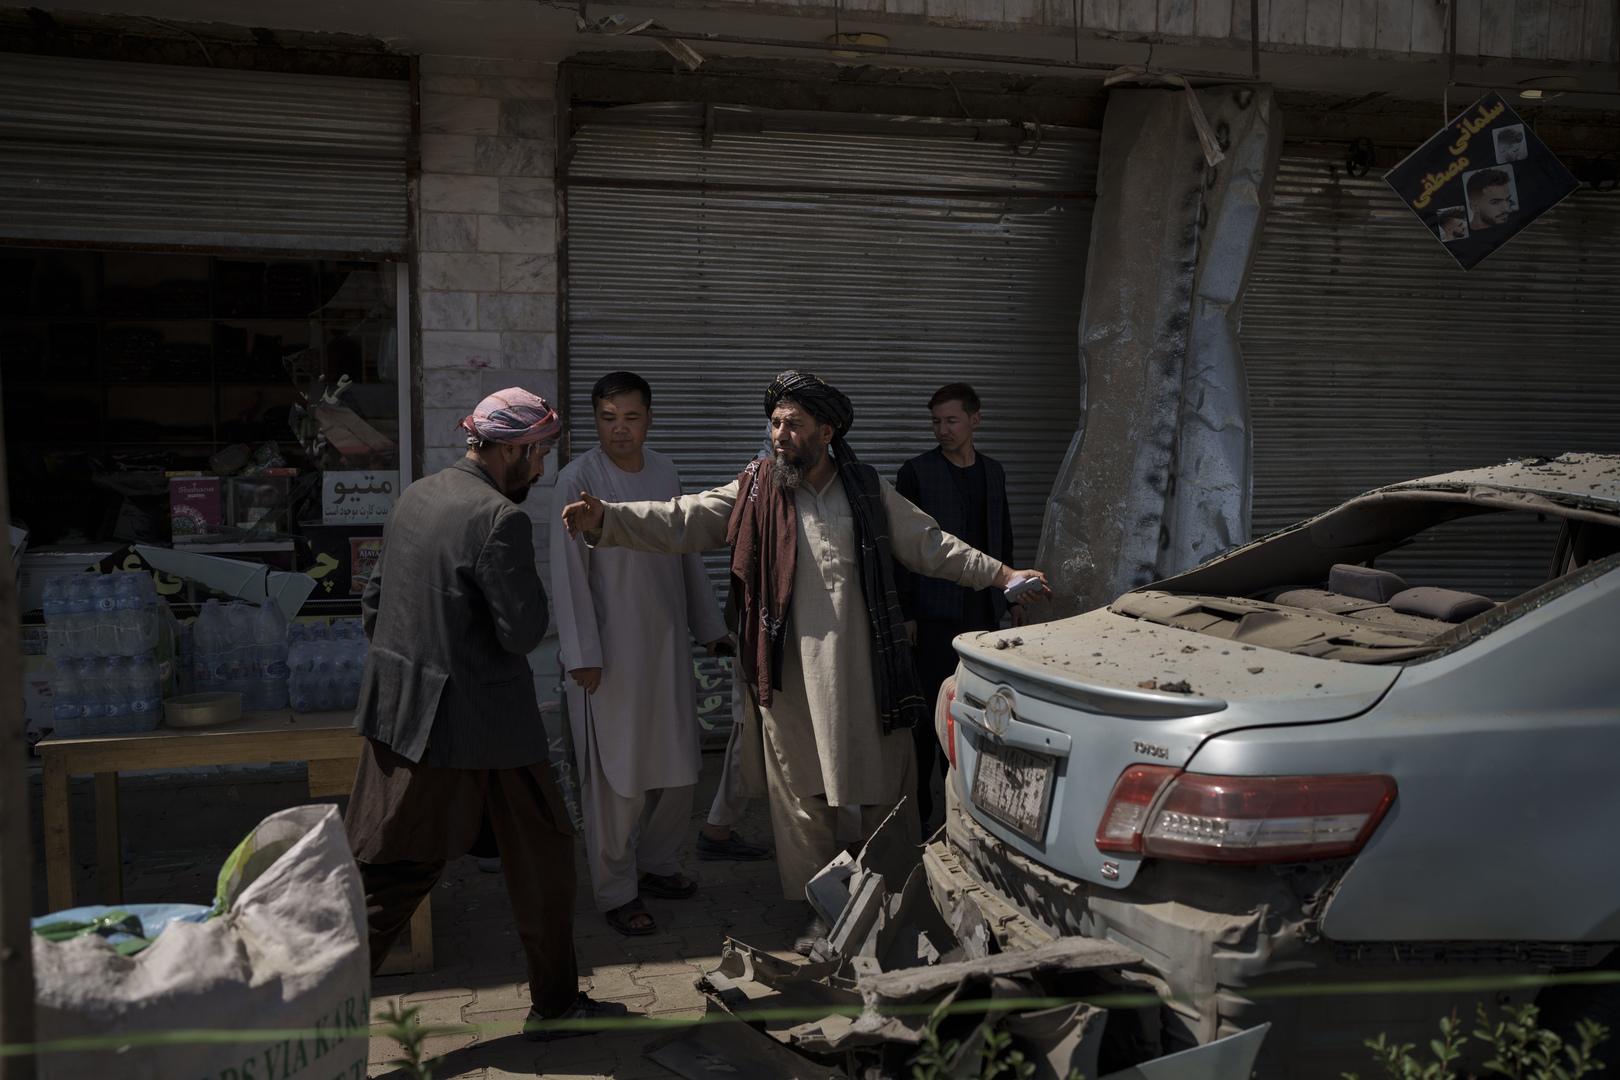 وسائل إعلام أفغانية: قتلى وجرحى بتفجير استهدف رتلا لـ